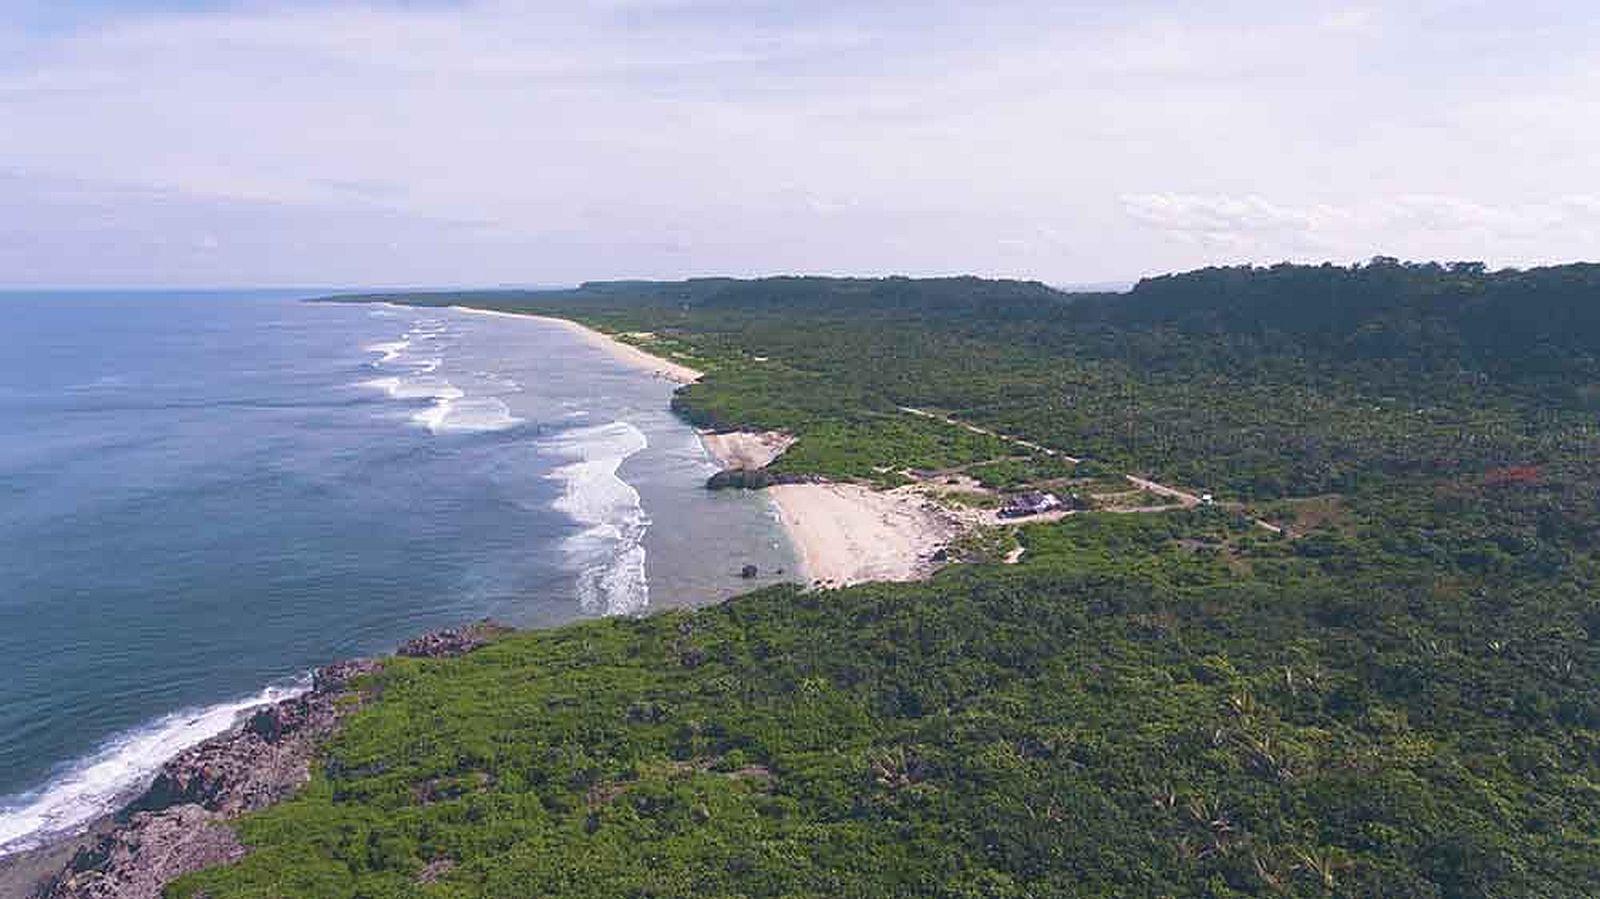 PHILIPPINEN REISEN - INSELN IN DEN VISAYAS - Die Insel Calicoan